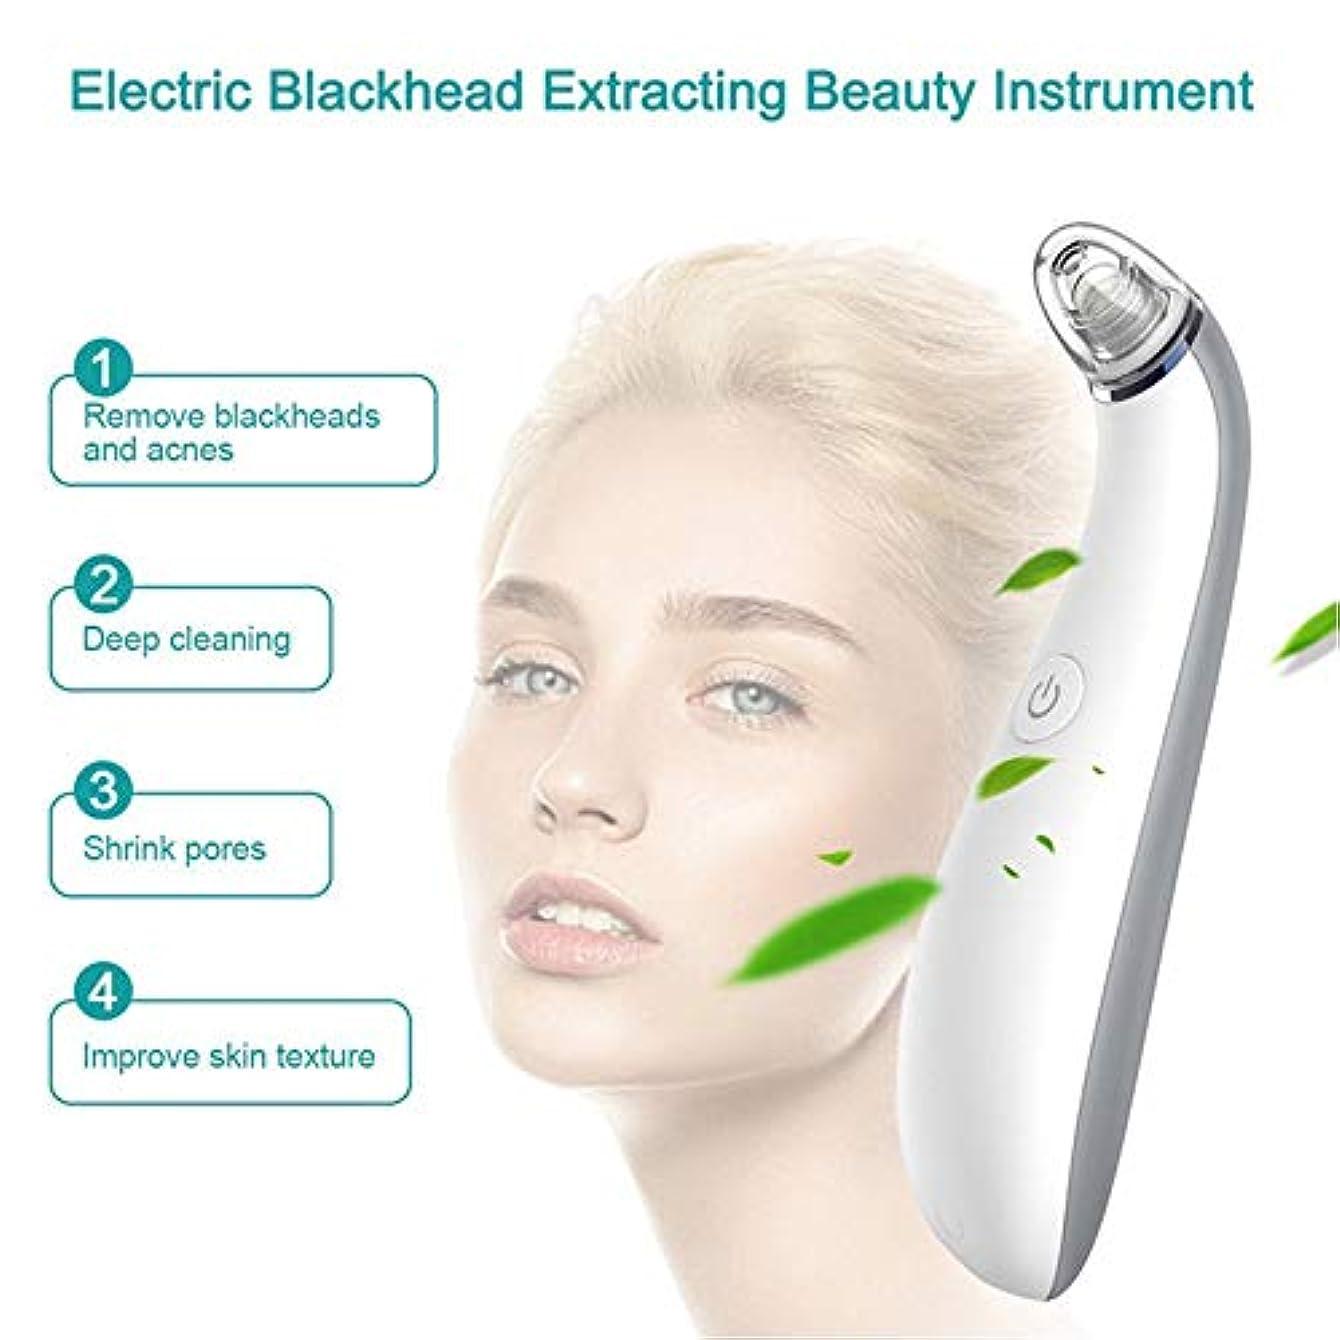 繊毛バックアップ結婚した気孔の真空の深くきれいな、皮膚健康のための電気顔の安定した吸引のスキンケア用具4取り替え可能な吸引の頭部USB再充電可能